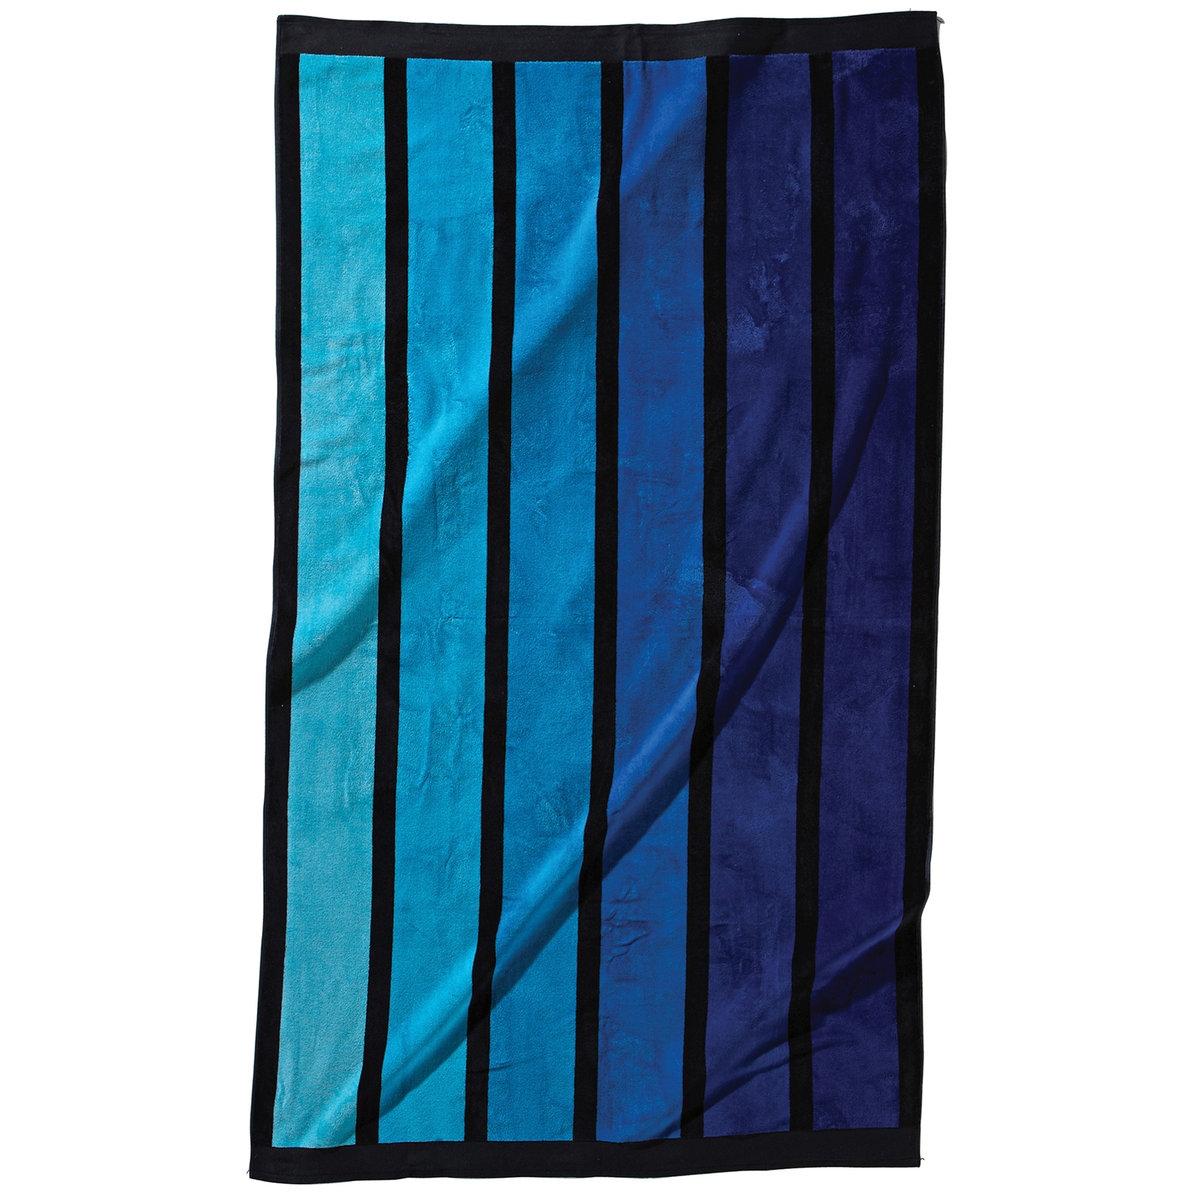 Полотенце пляжное в вертикальную полоскуПляжное полотенце из махровой ткани и велюра в полоску, 100% хлопка. 1 сторона из велюра, 1 сторона из махровой ткани. 470 г/м?. Размер: 100 x 175 см. Стирка при 40°.<br><br>Цвет: розовый,синий